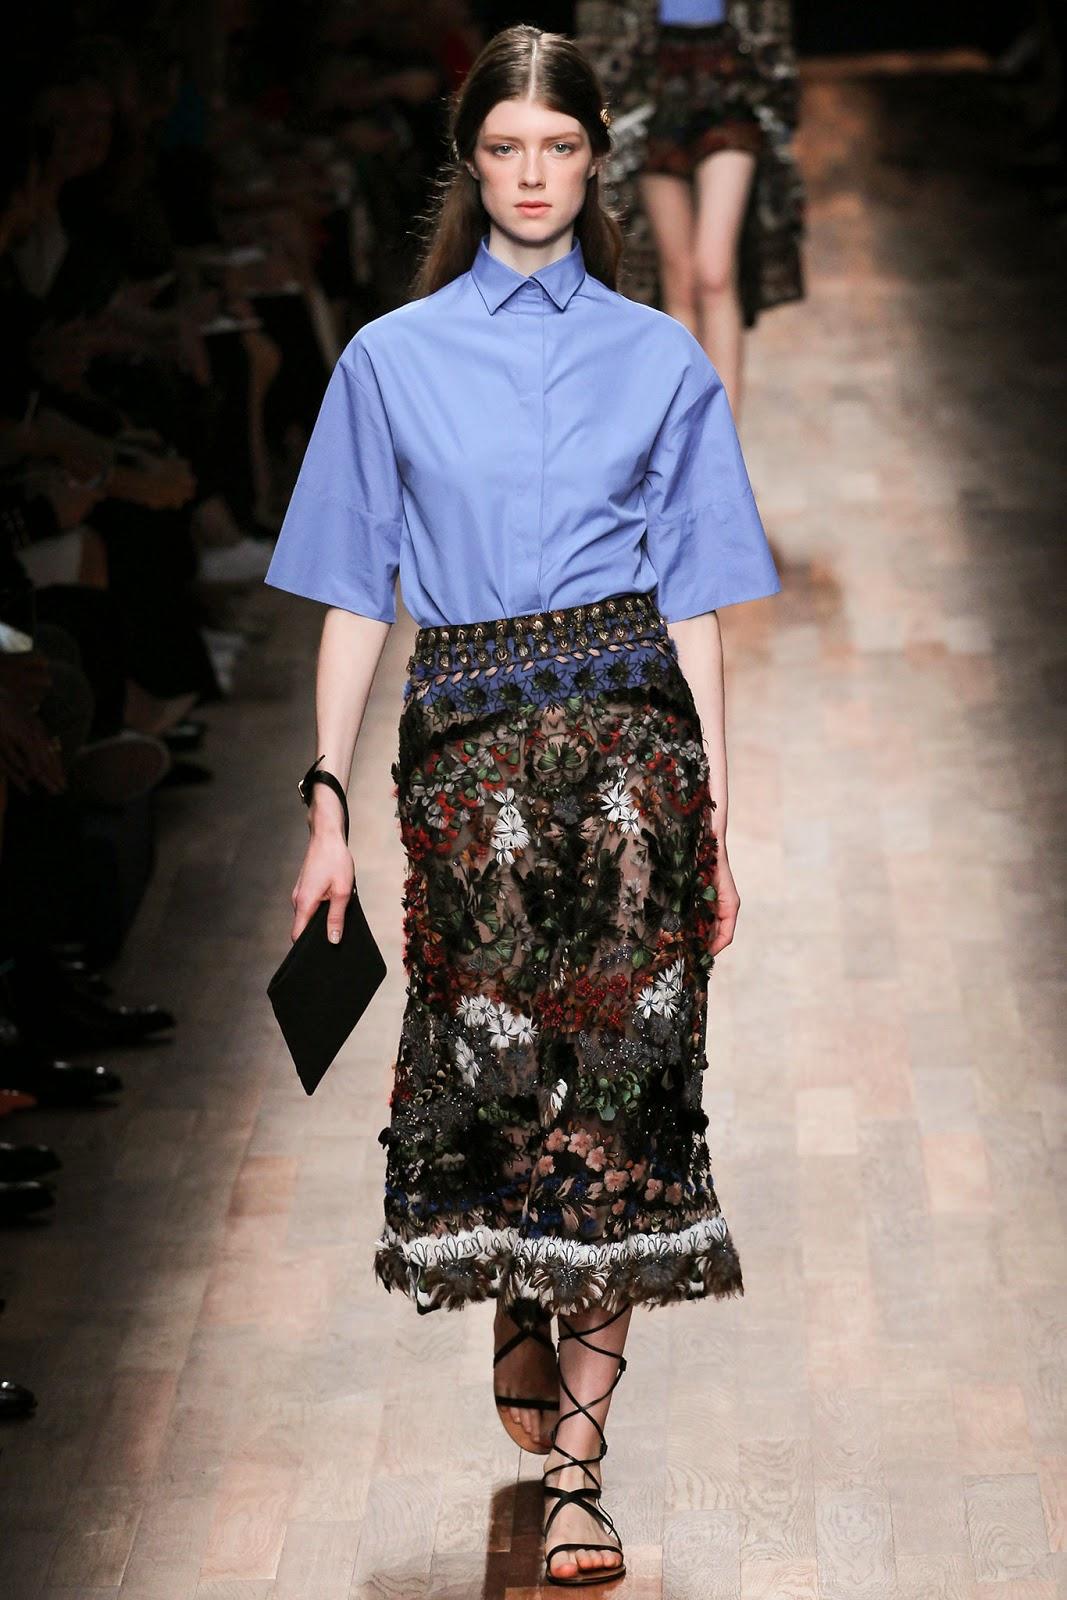 valentino 2015 summer 2016 trend women dress27 Valentino 2015 samling, våren sommaren 2016 Valentino klänning modeller, Valentino kväll klänning nya säsongen kvinnors kjolar modeller